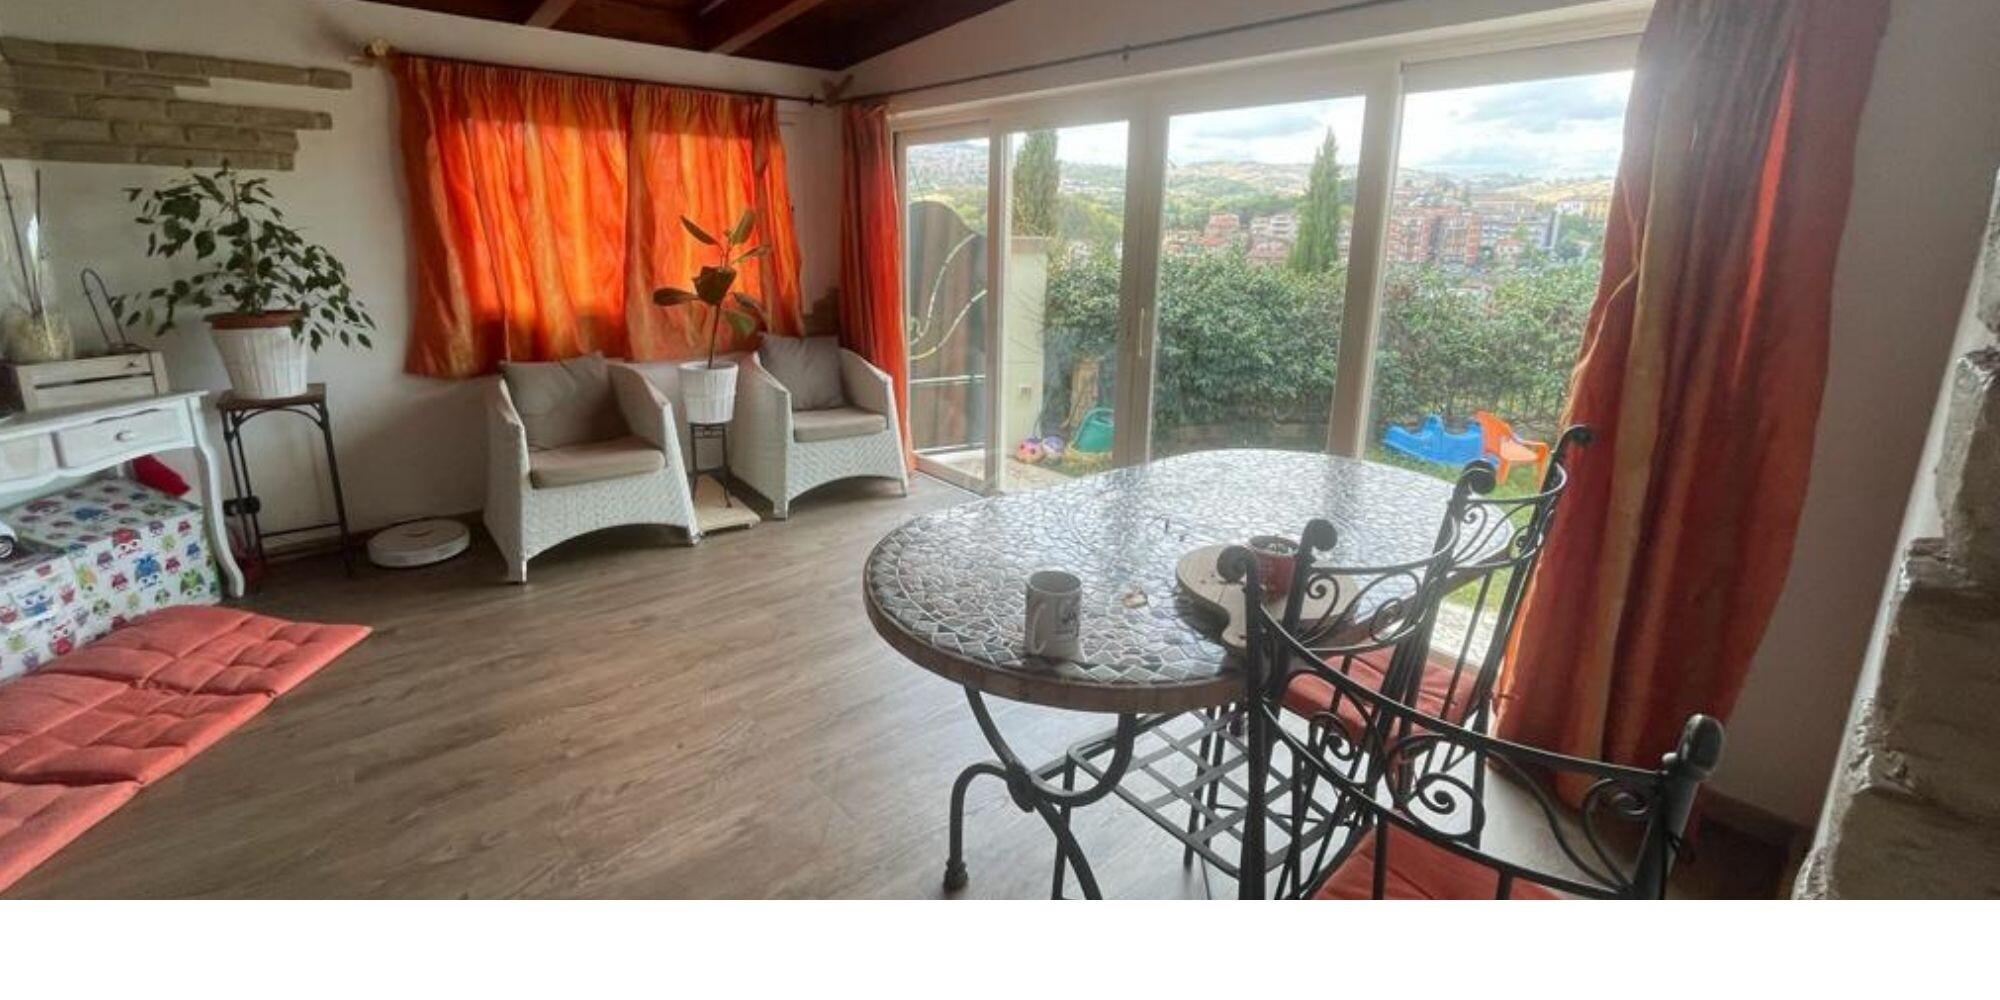 Serravalle: ampio appartamento con giardino, in zona tranquilla ma centrale.